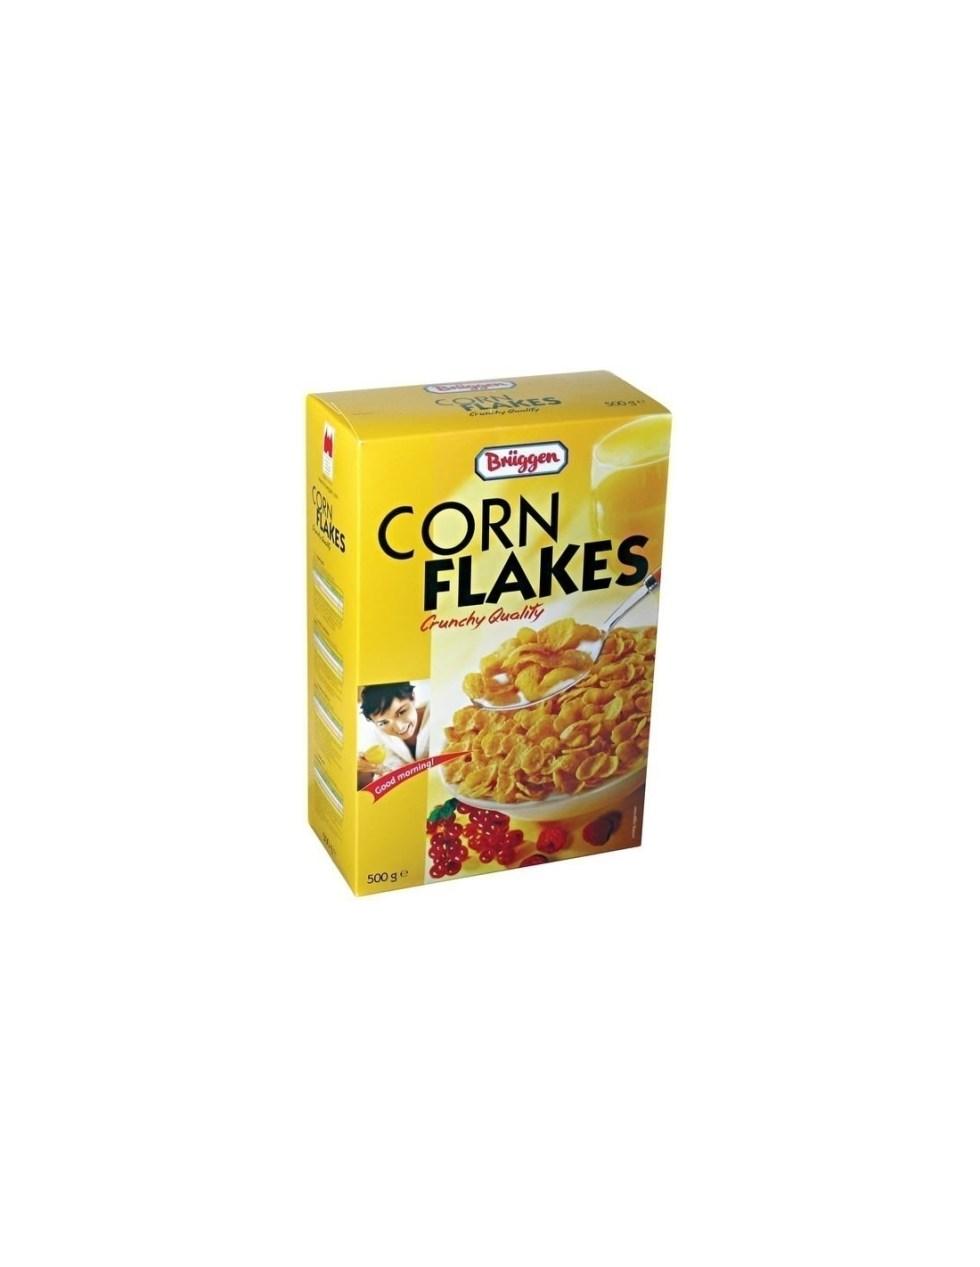 bruggen-corn-flakes-500g